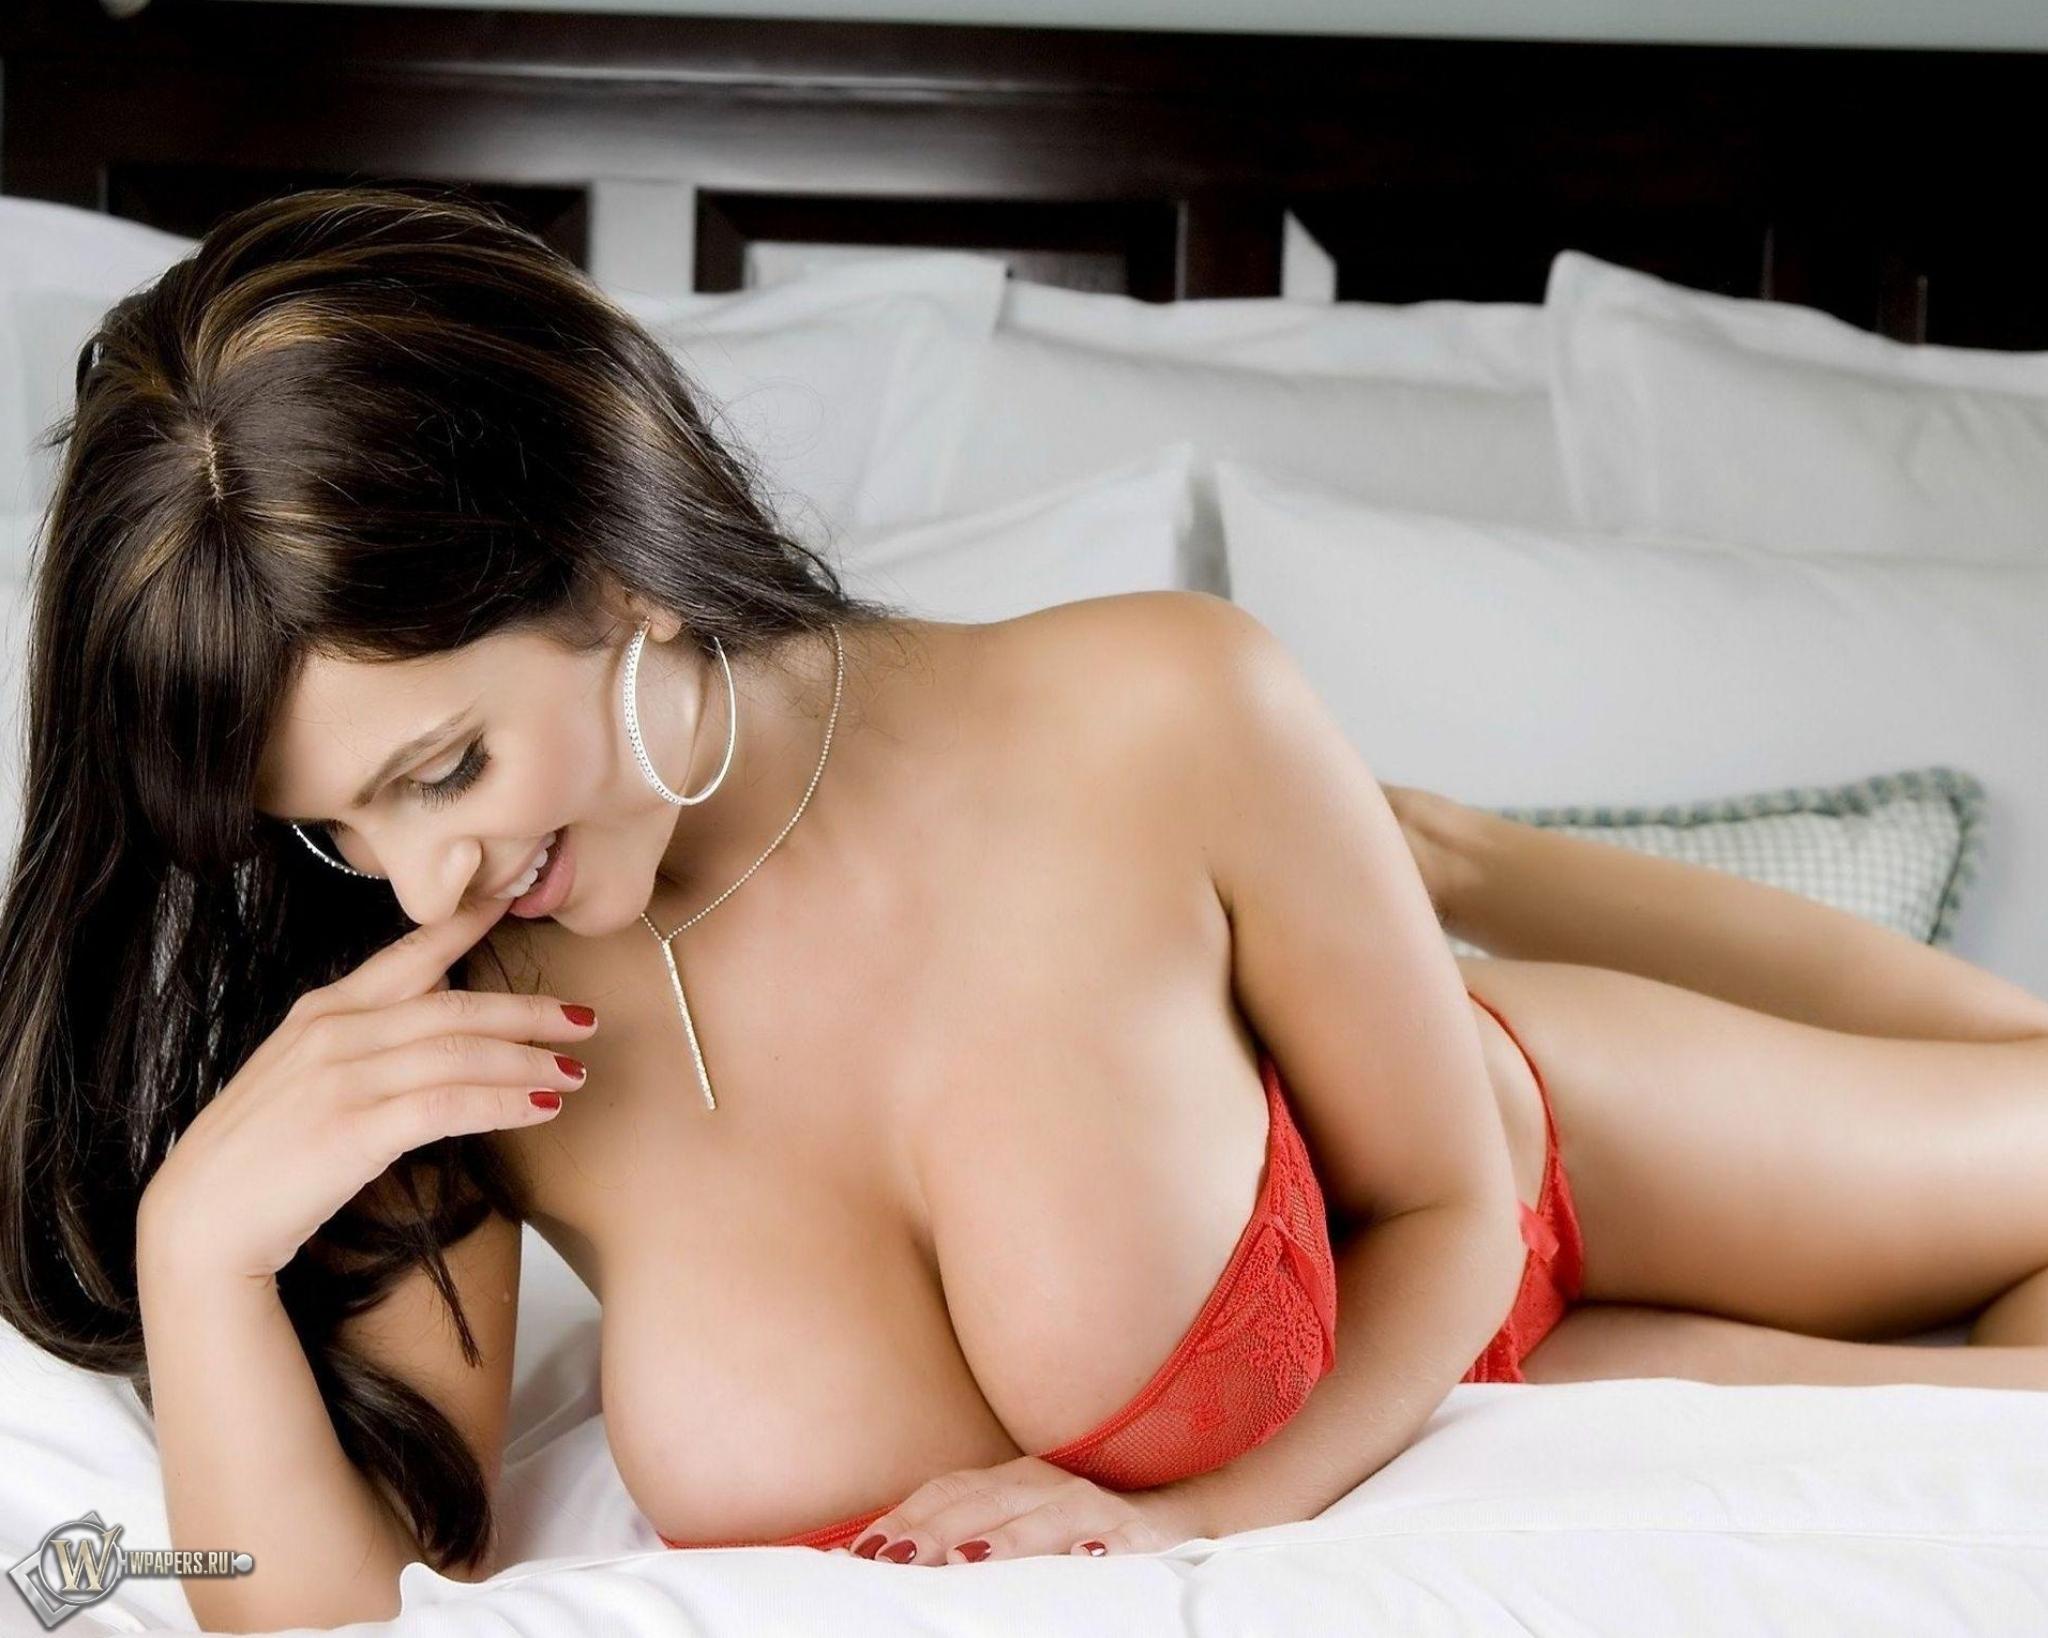 Порно фото обои Голые девушки на стол - XXX